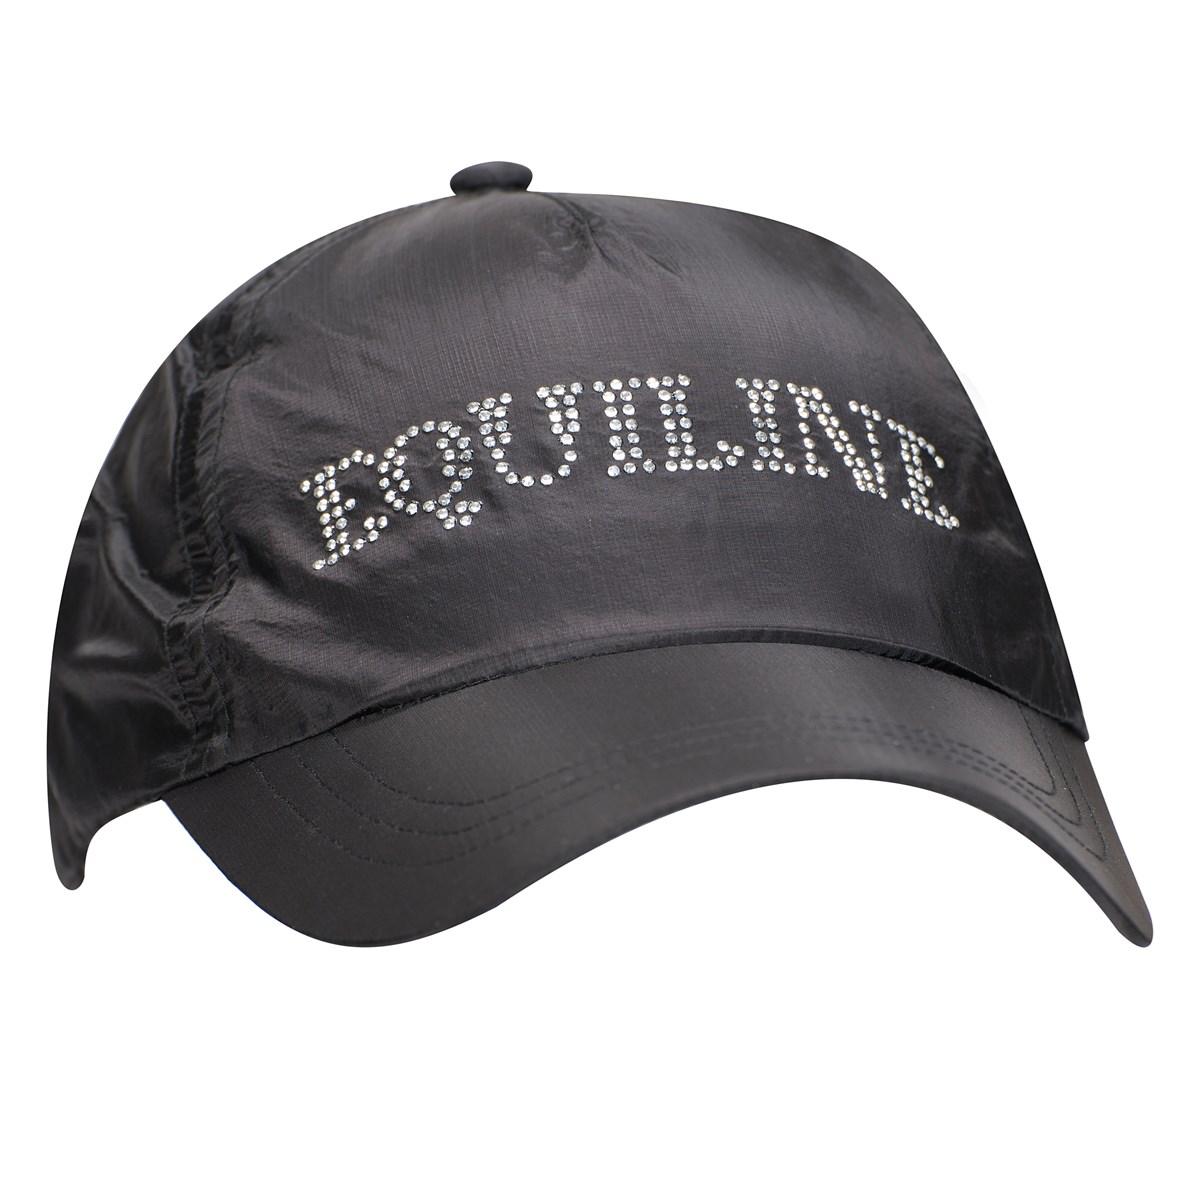 7c722b1644 Equiline Illusion Ladies Cap - Black - Redpost Equestrian